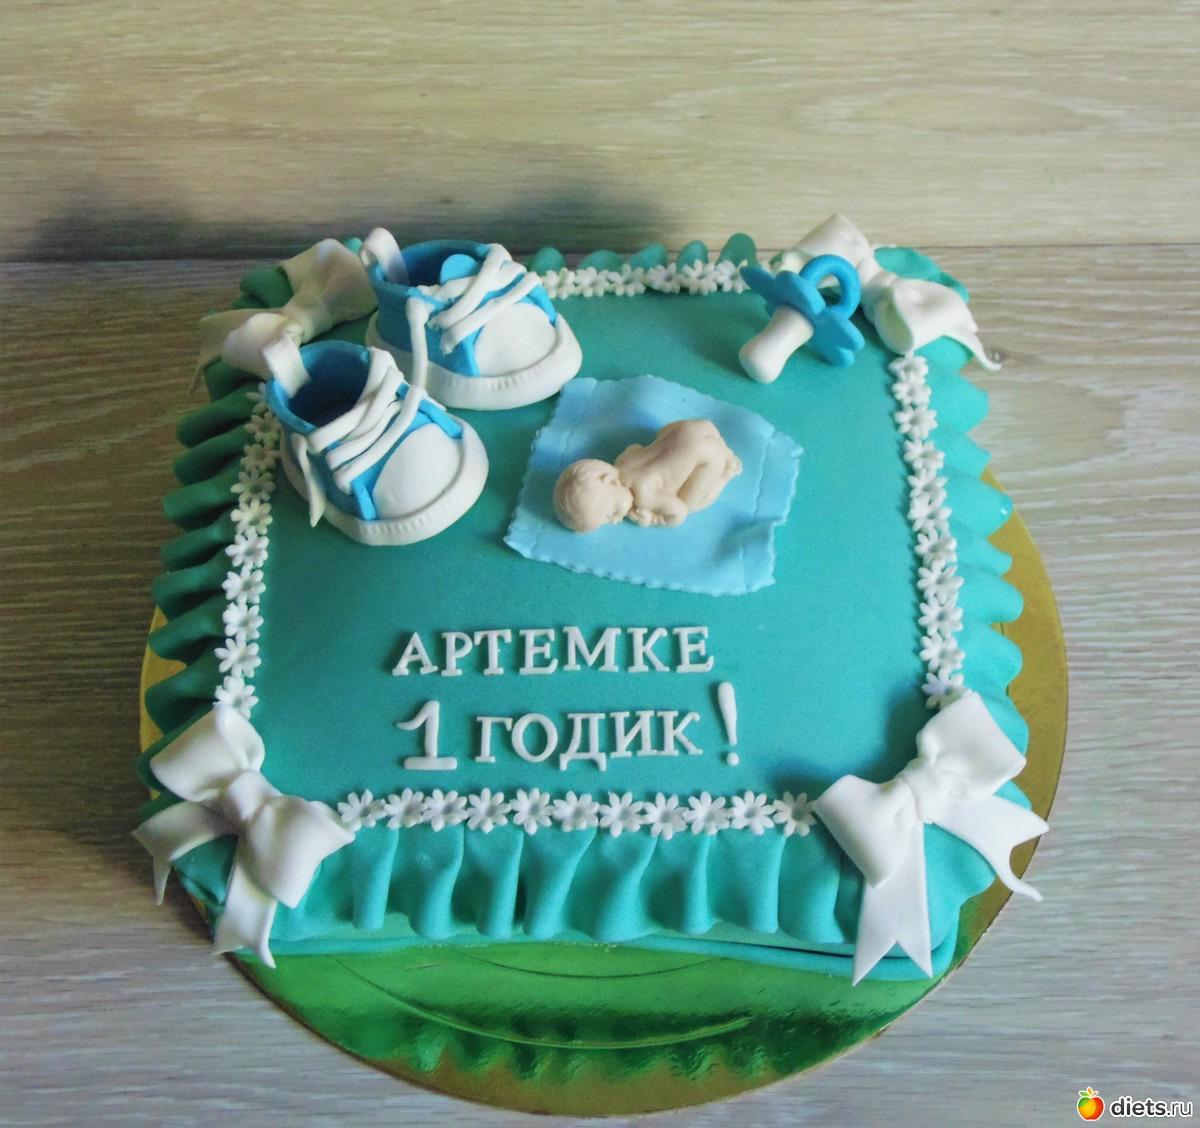 Поздравления с днем рождения Артему 26